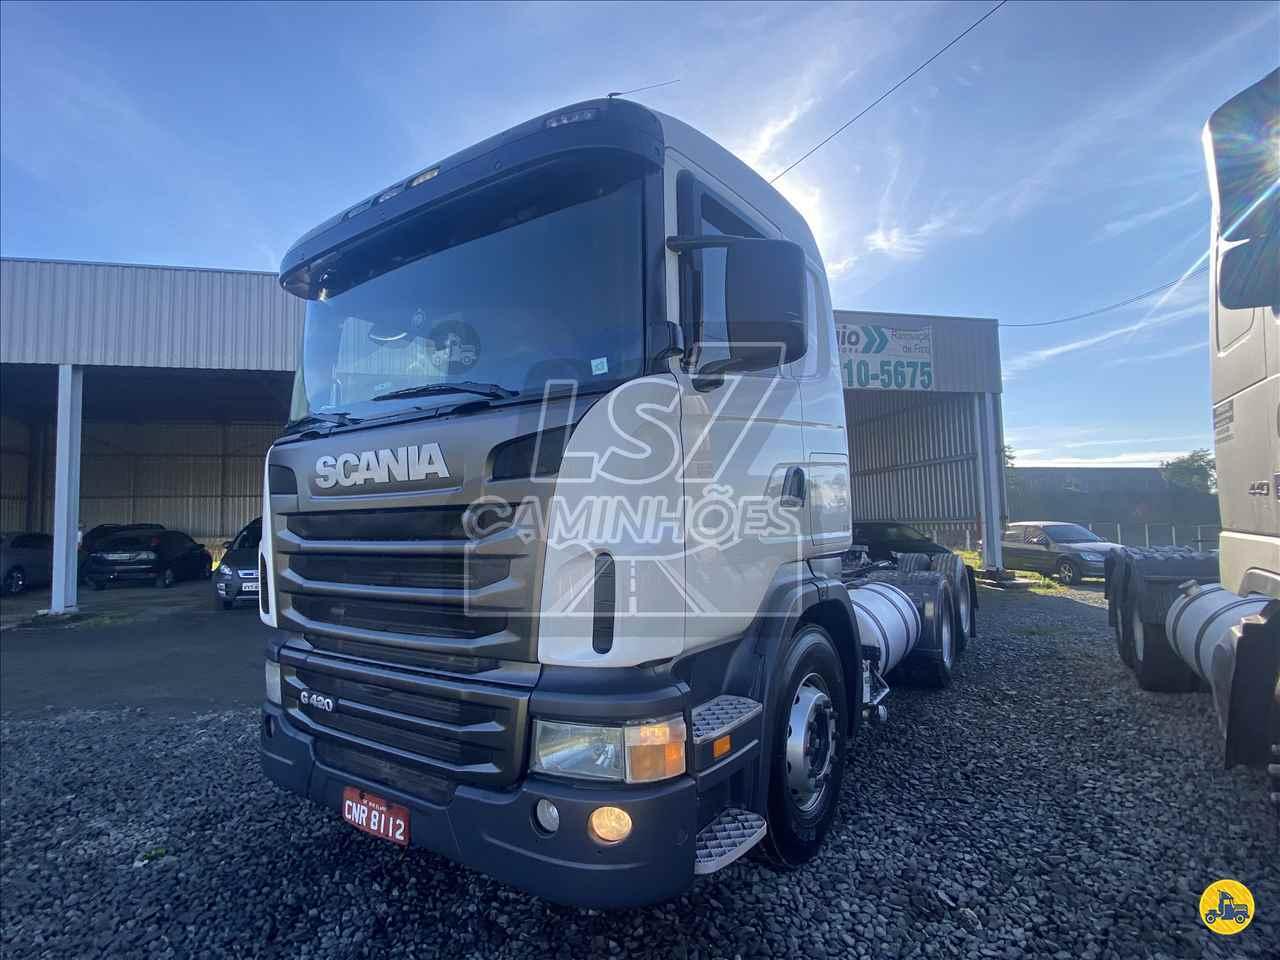 SCANIA 124 420 de LS 7 Caminhões - LIMEIRA/SP